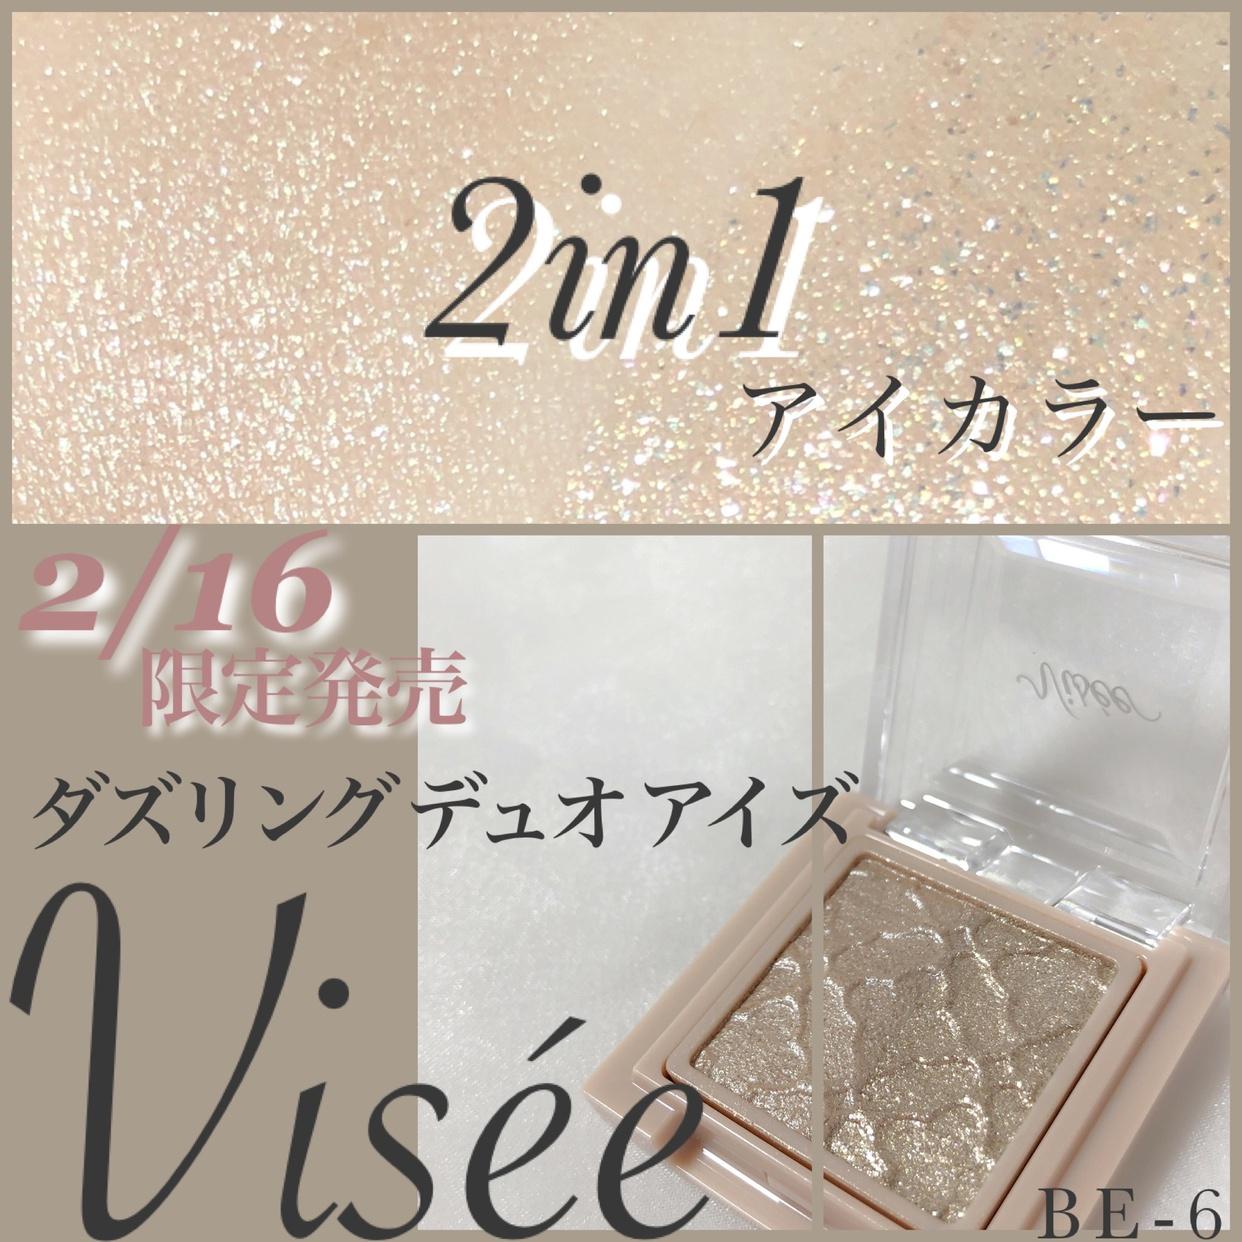 Visée(ヴィセ) リシェ ダズリング デュオ アイズを使ったsatomiさんのクチコミ画像1